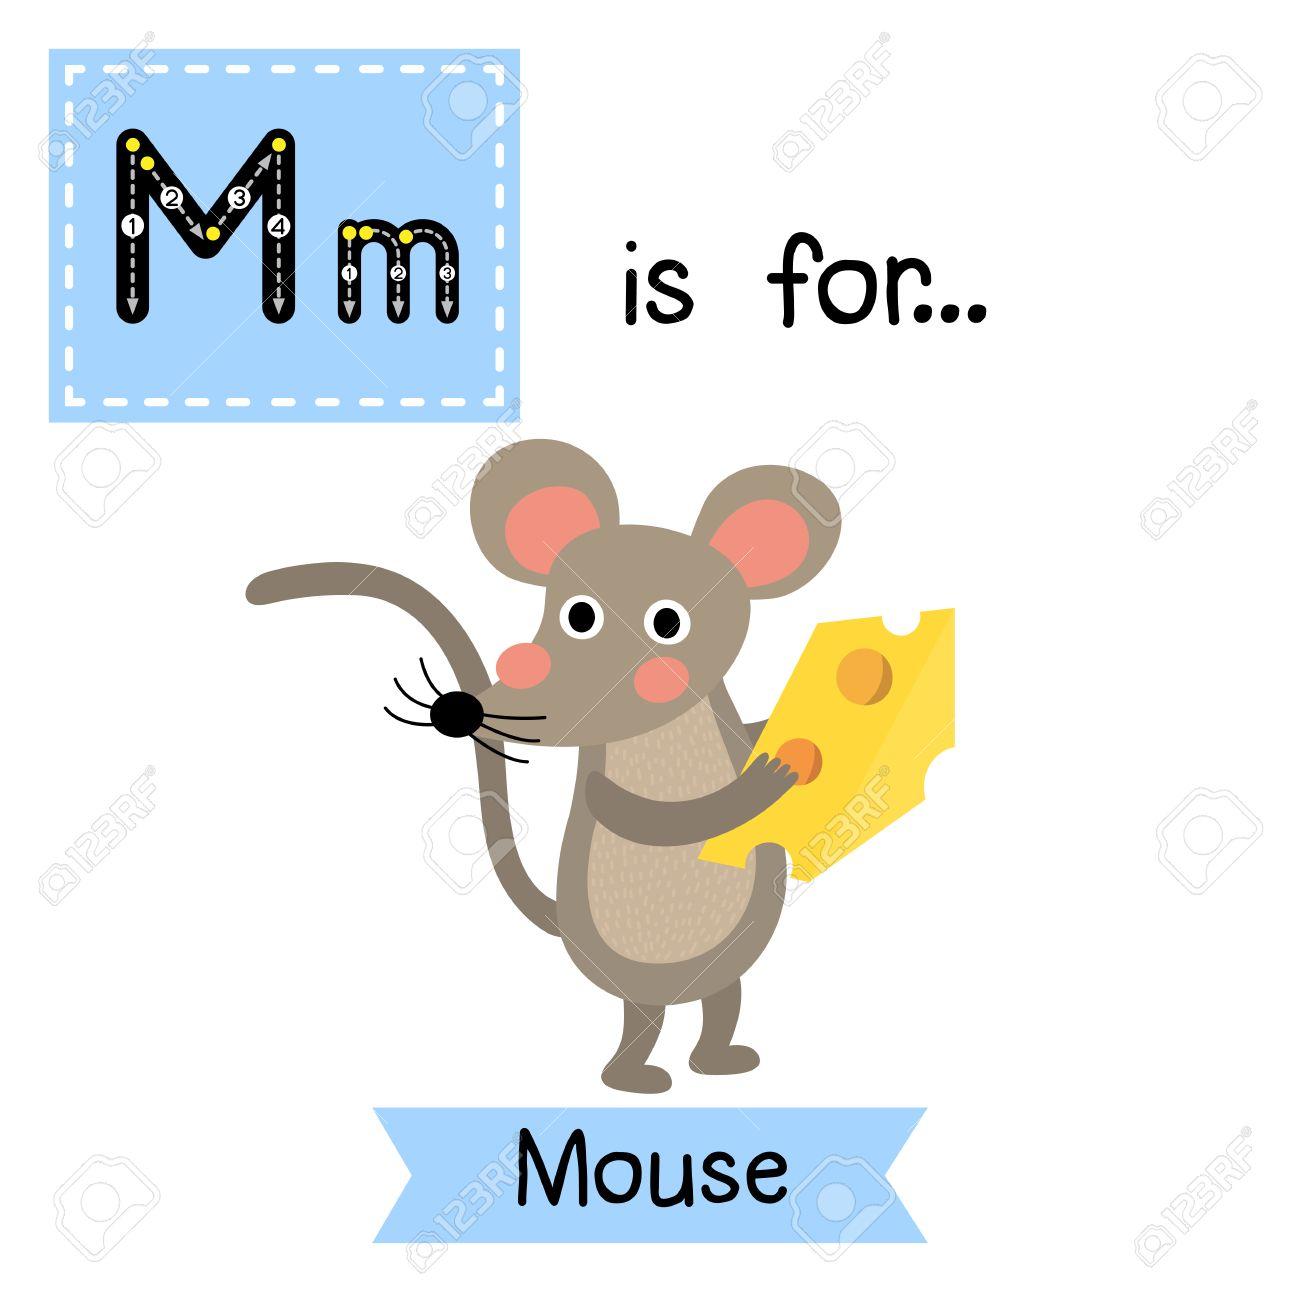 m 文字のトレース マウスは チーズを保持しています かわいい子供